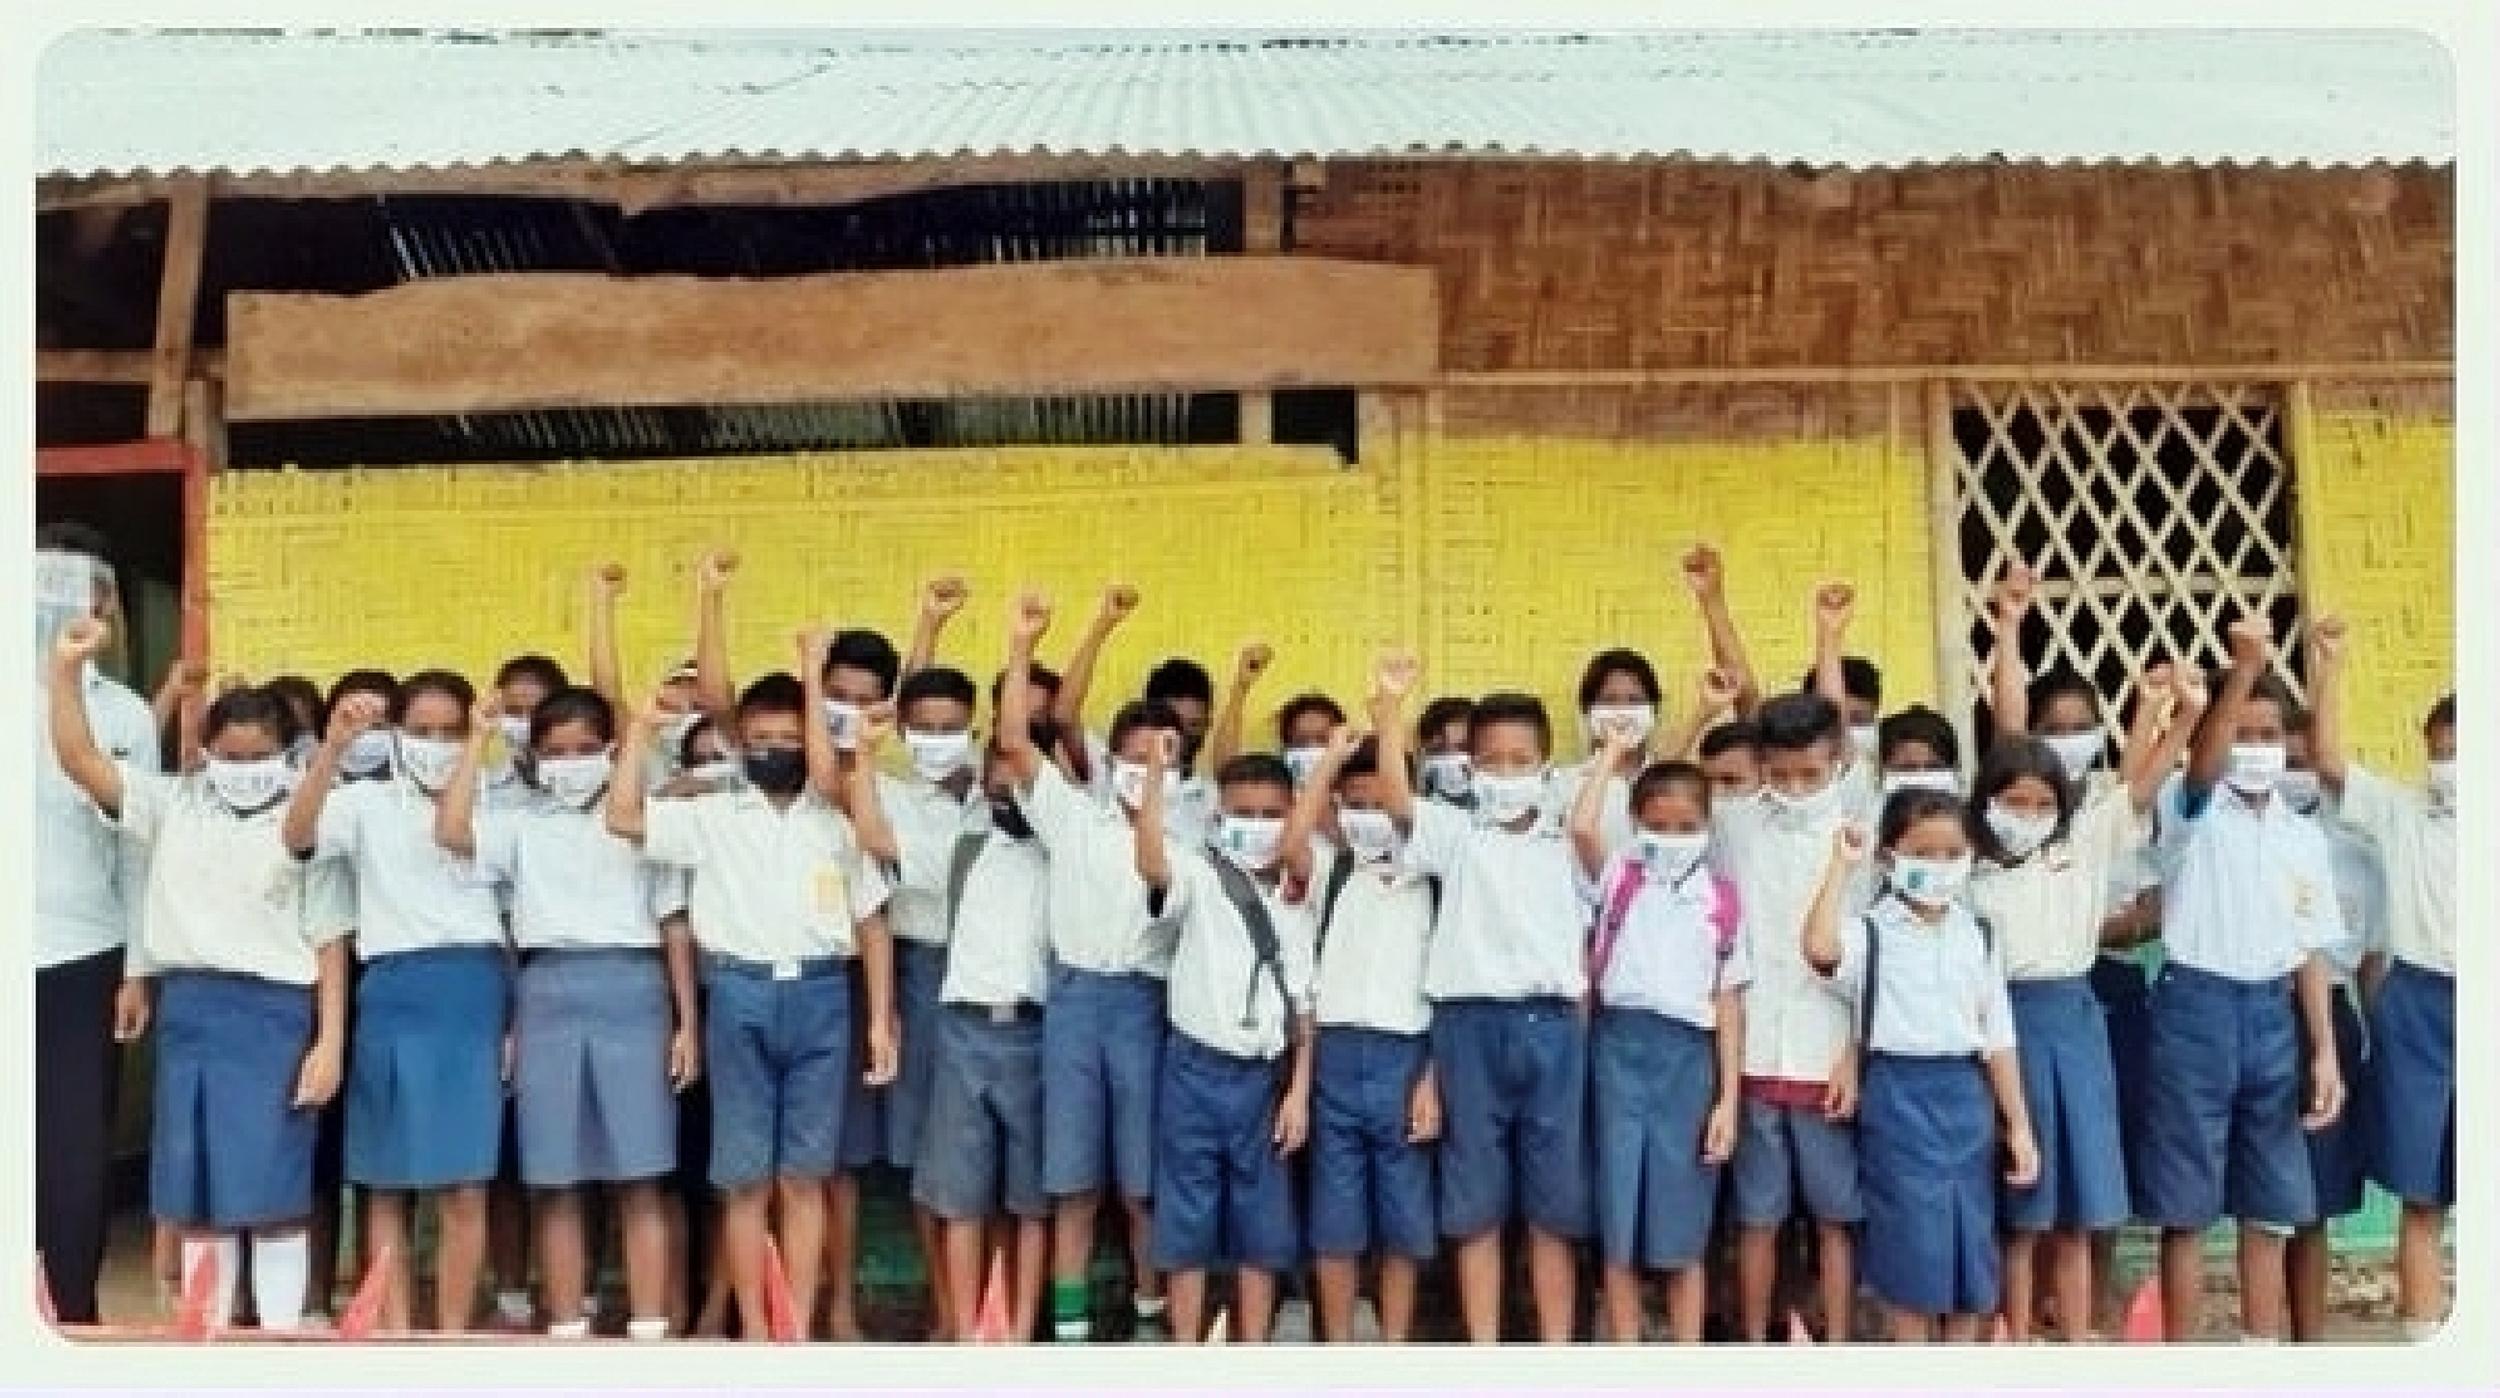 Dukung transformasi digital, Niagahoster bangun sekolah di NTT